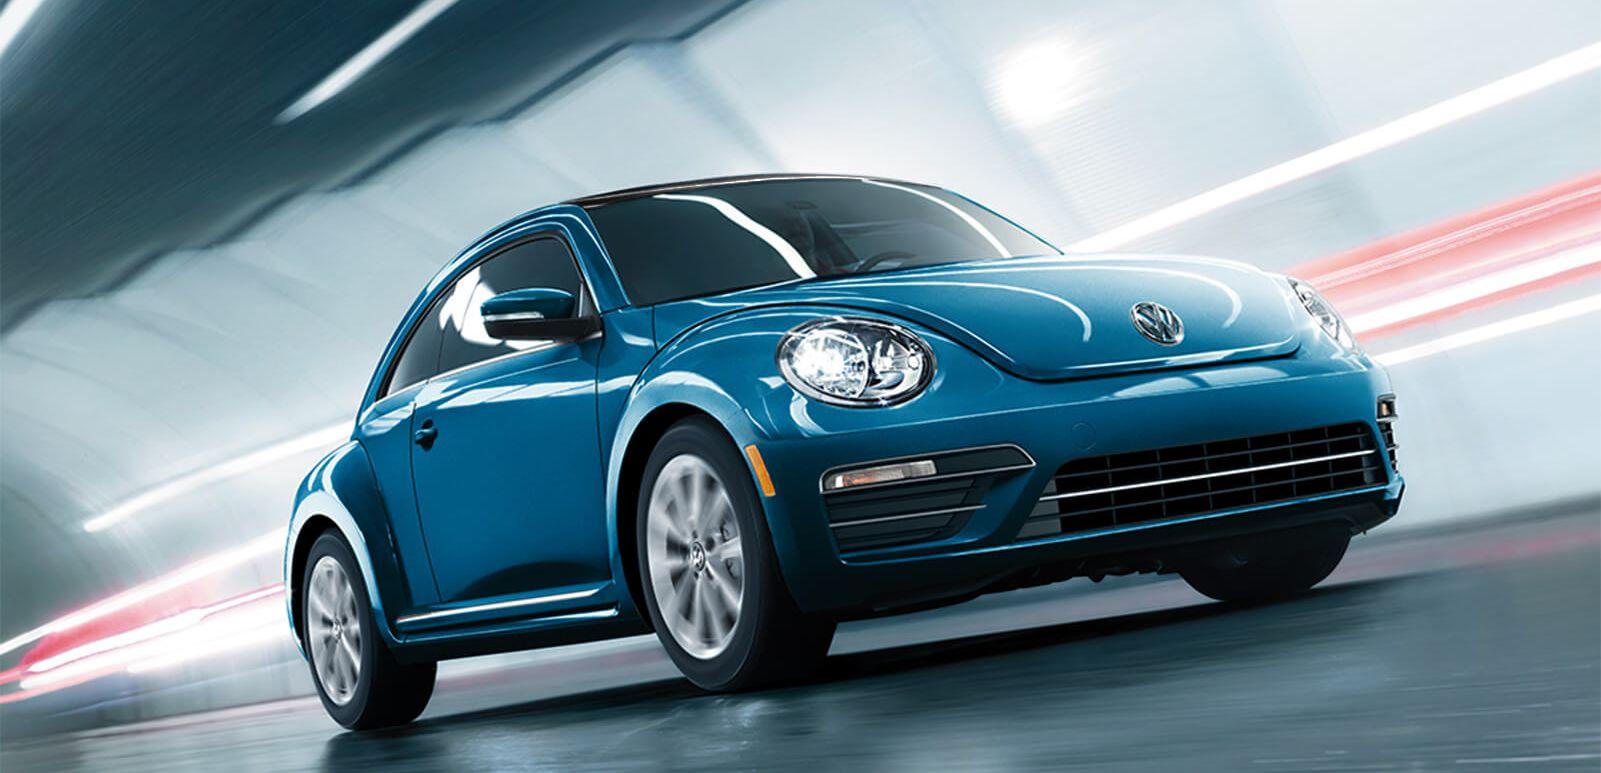 2019 Volkswagen Beetle Leasing near Alexandria, VA